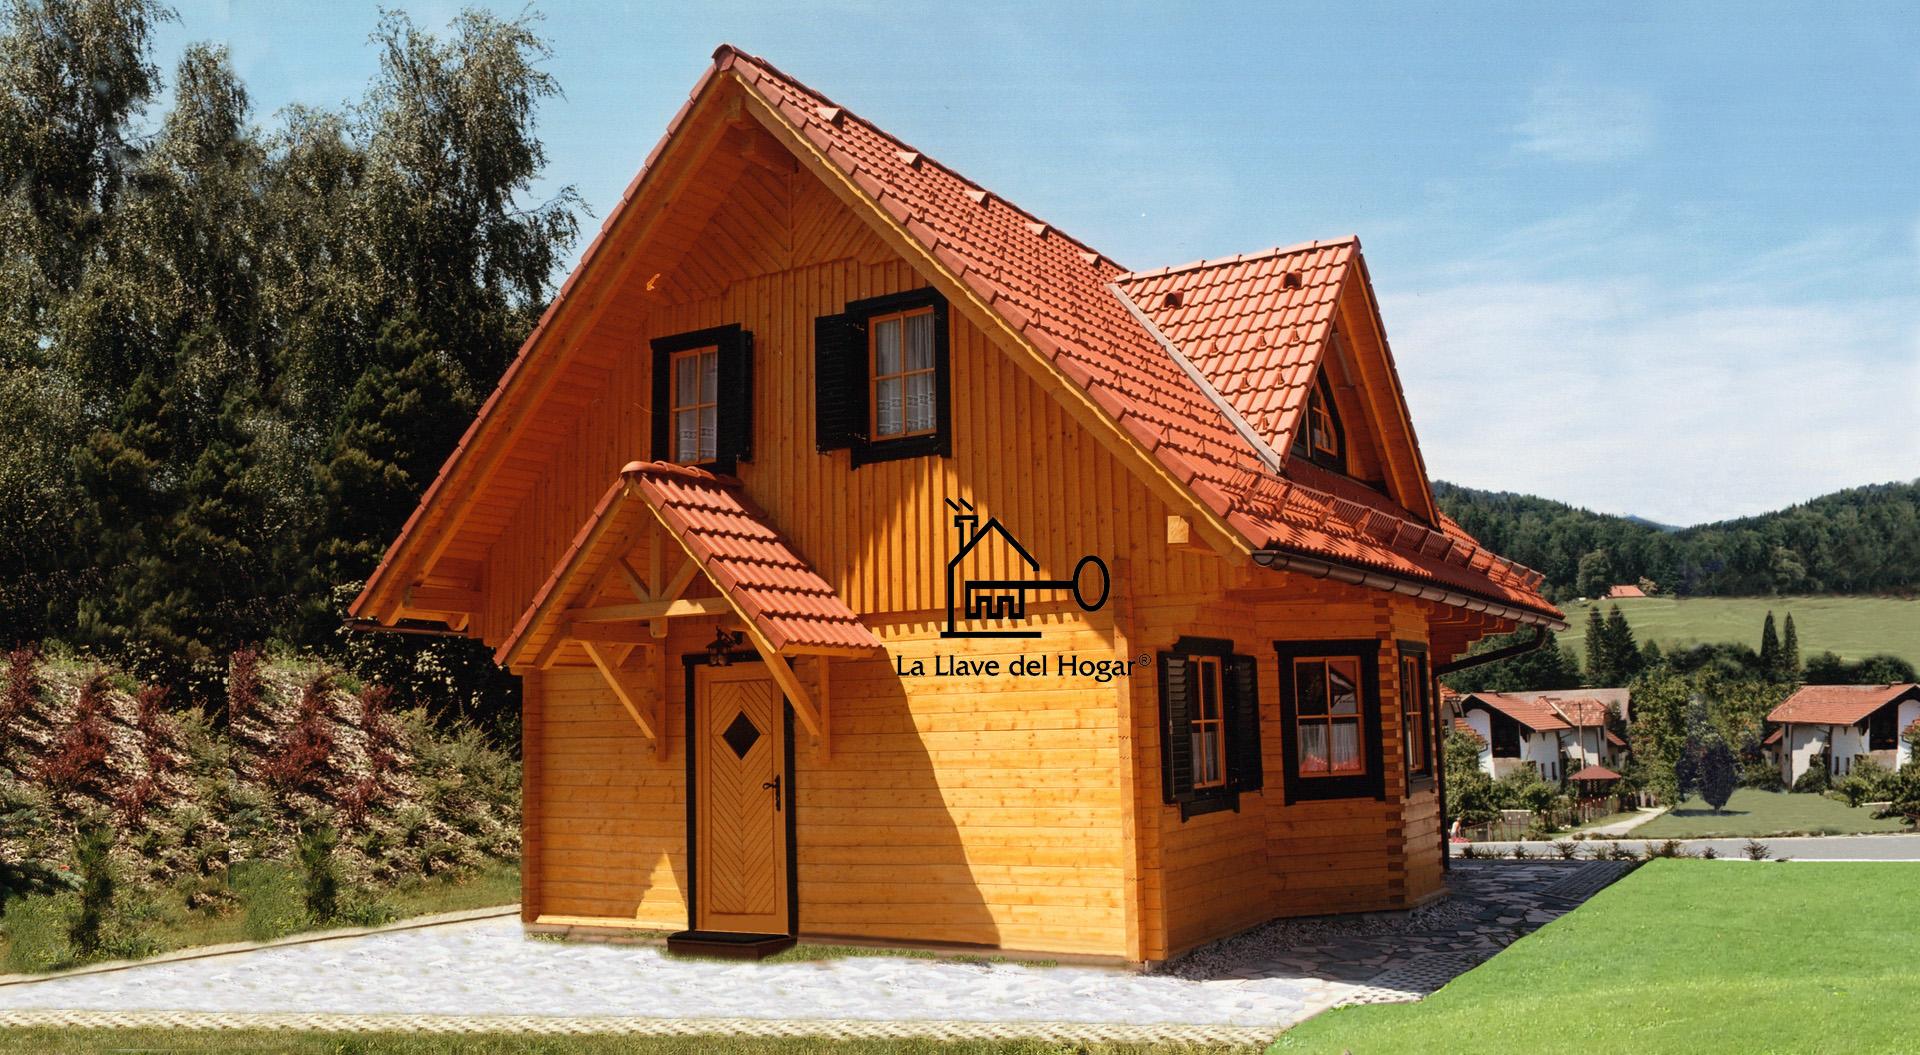 Teide 105m casas de madera la llave del hogar - Refugios de madera prefabricados ...